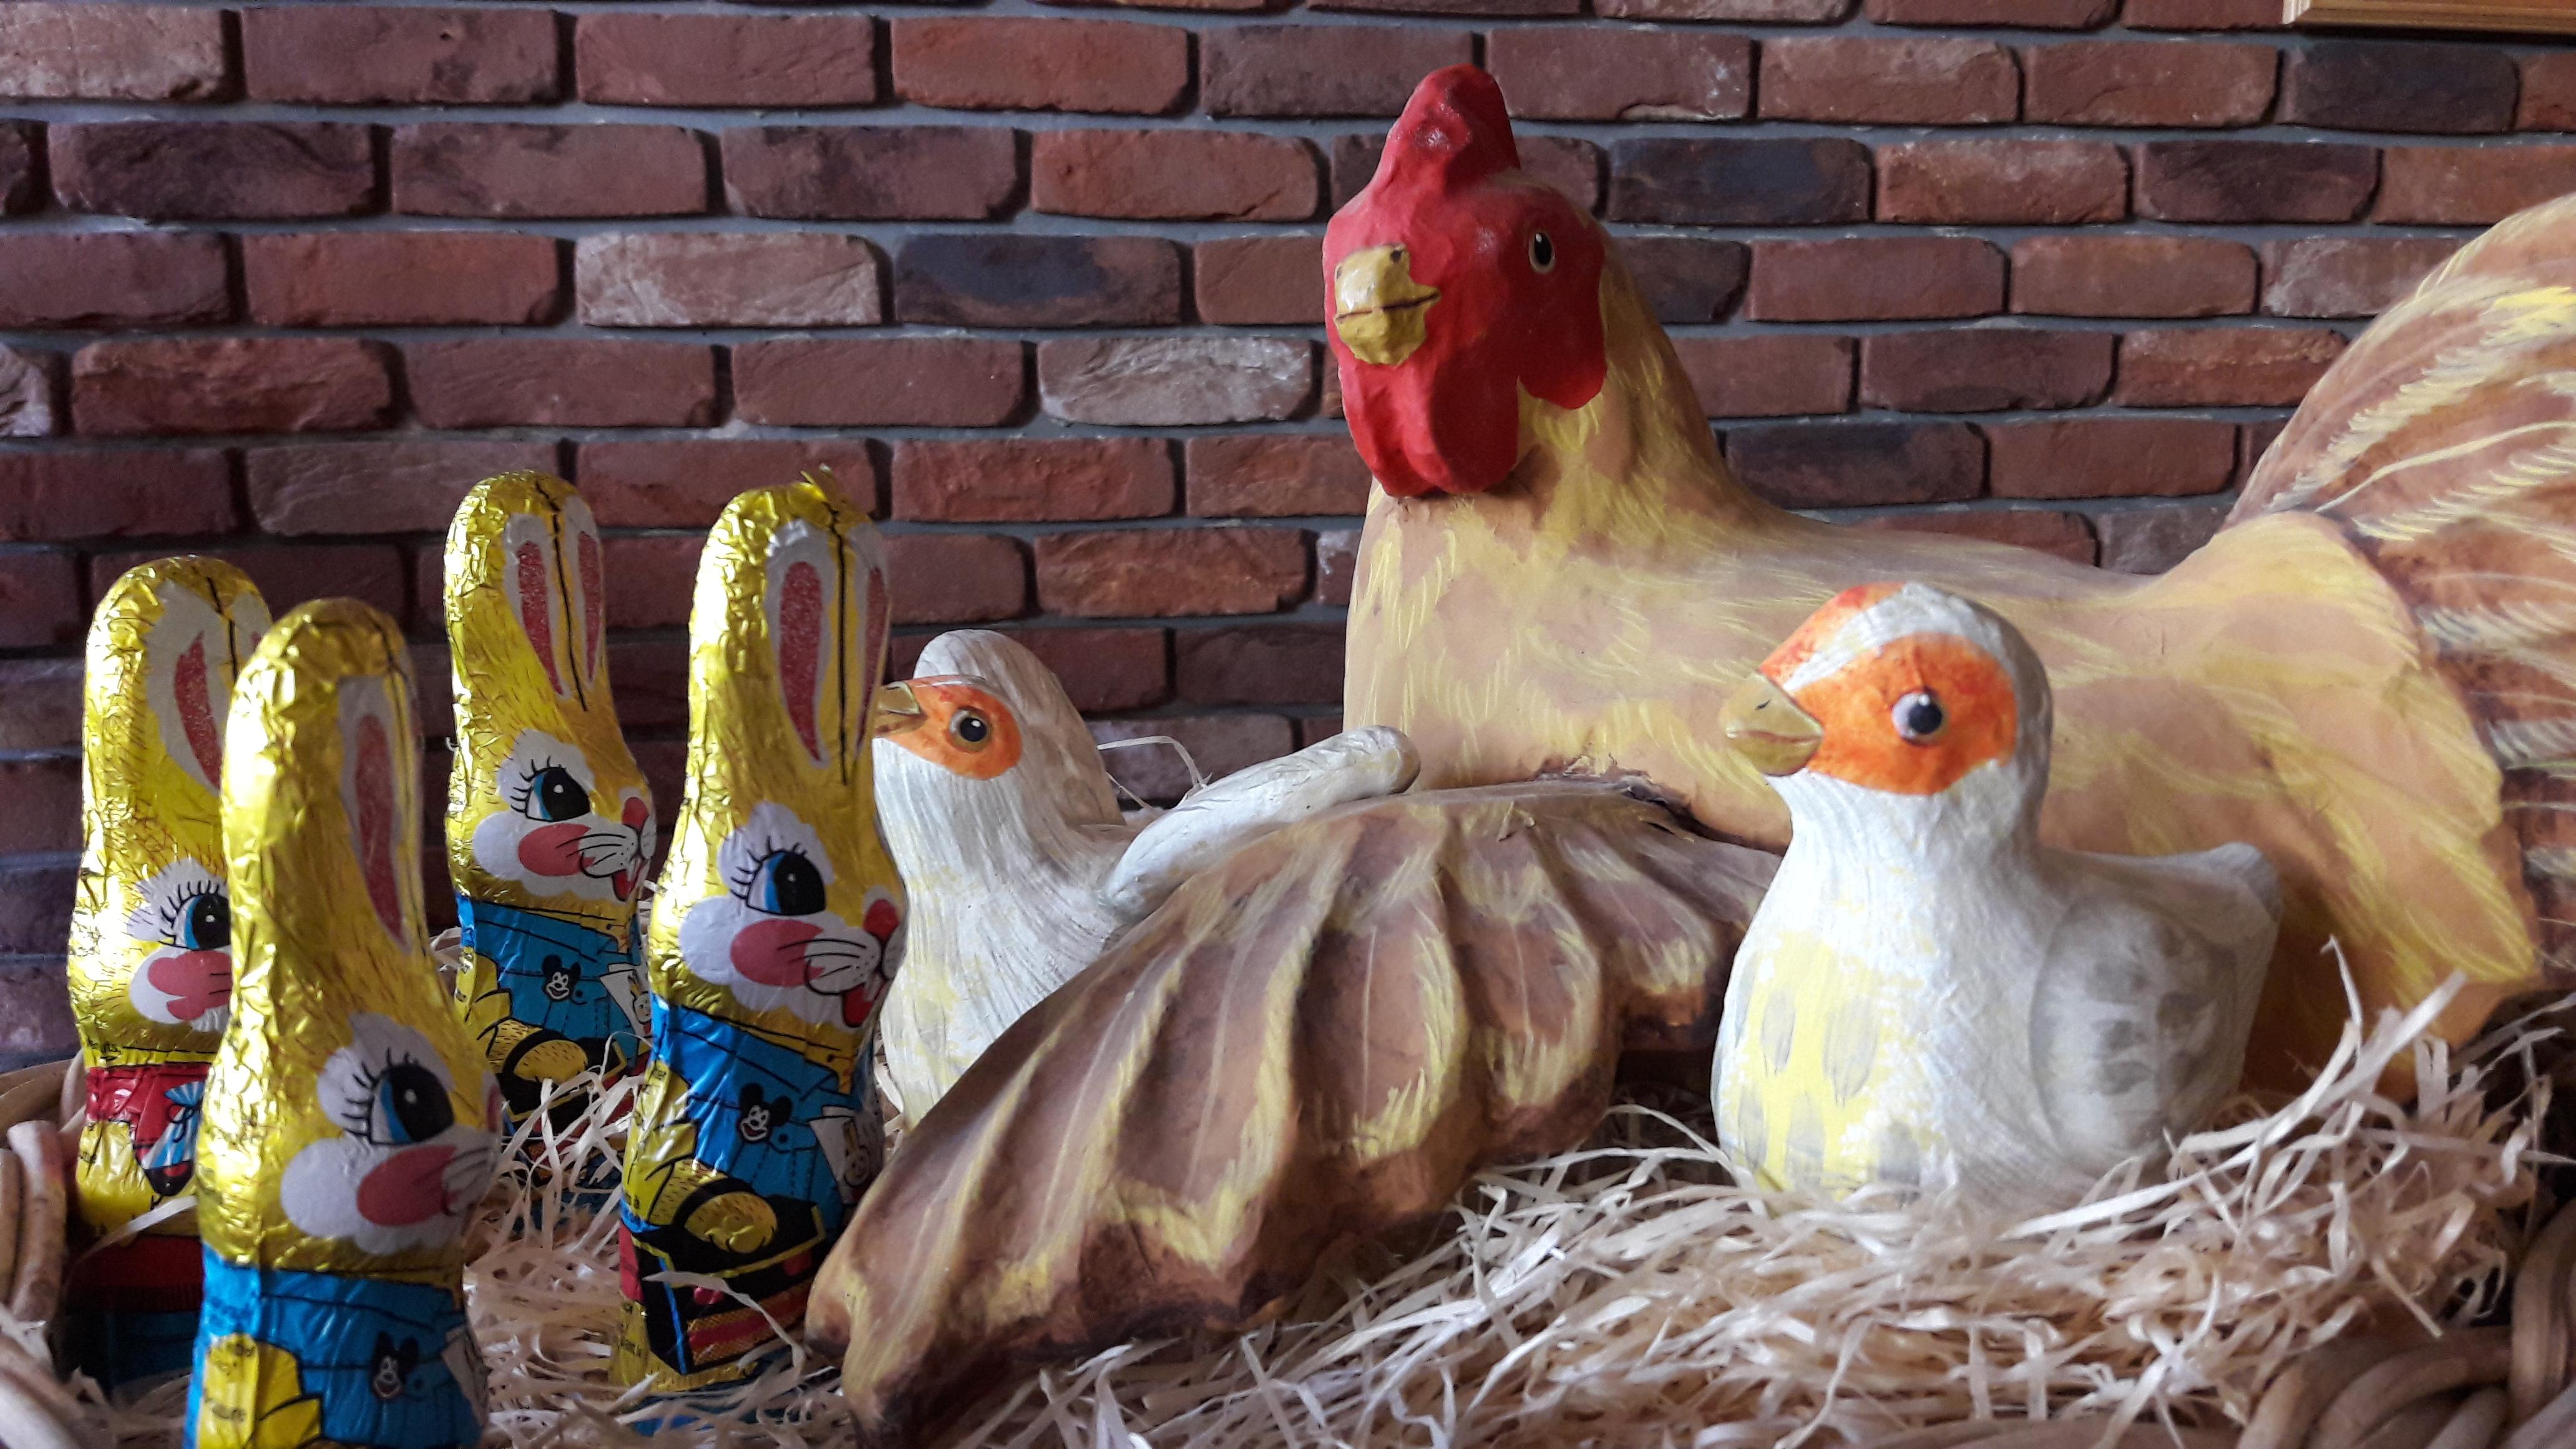 Ihre Hühner verstecken ihre Eier unauffindbar? Sie glauben nicht, dass der Osterhase welche bringt? Wir haben die Lösung!